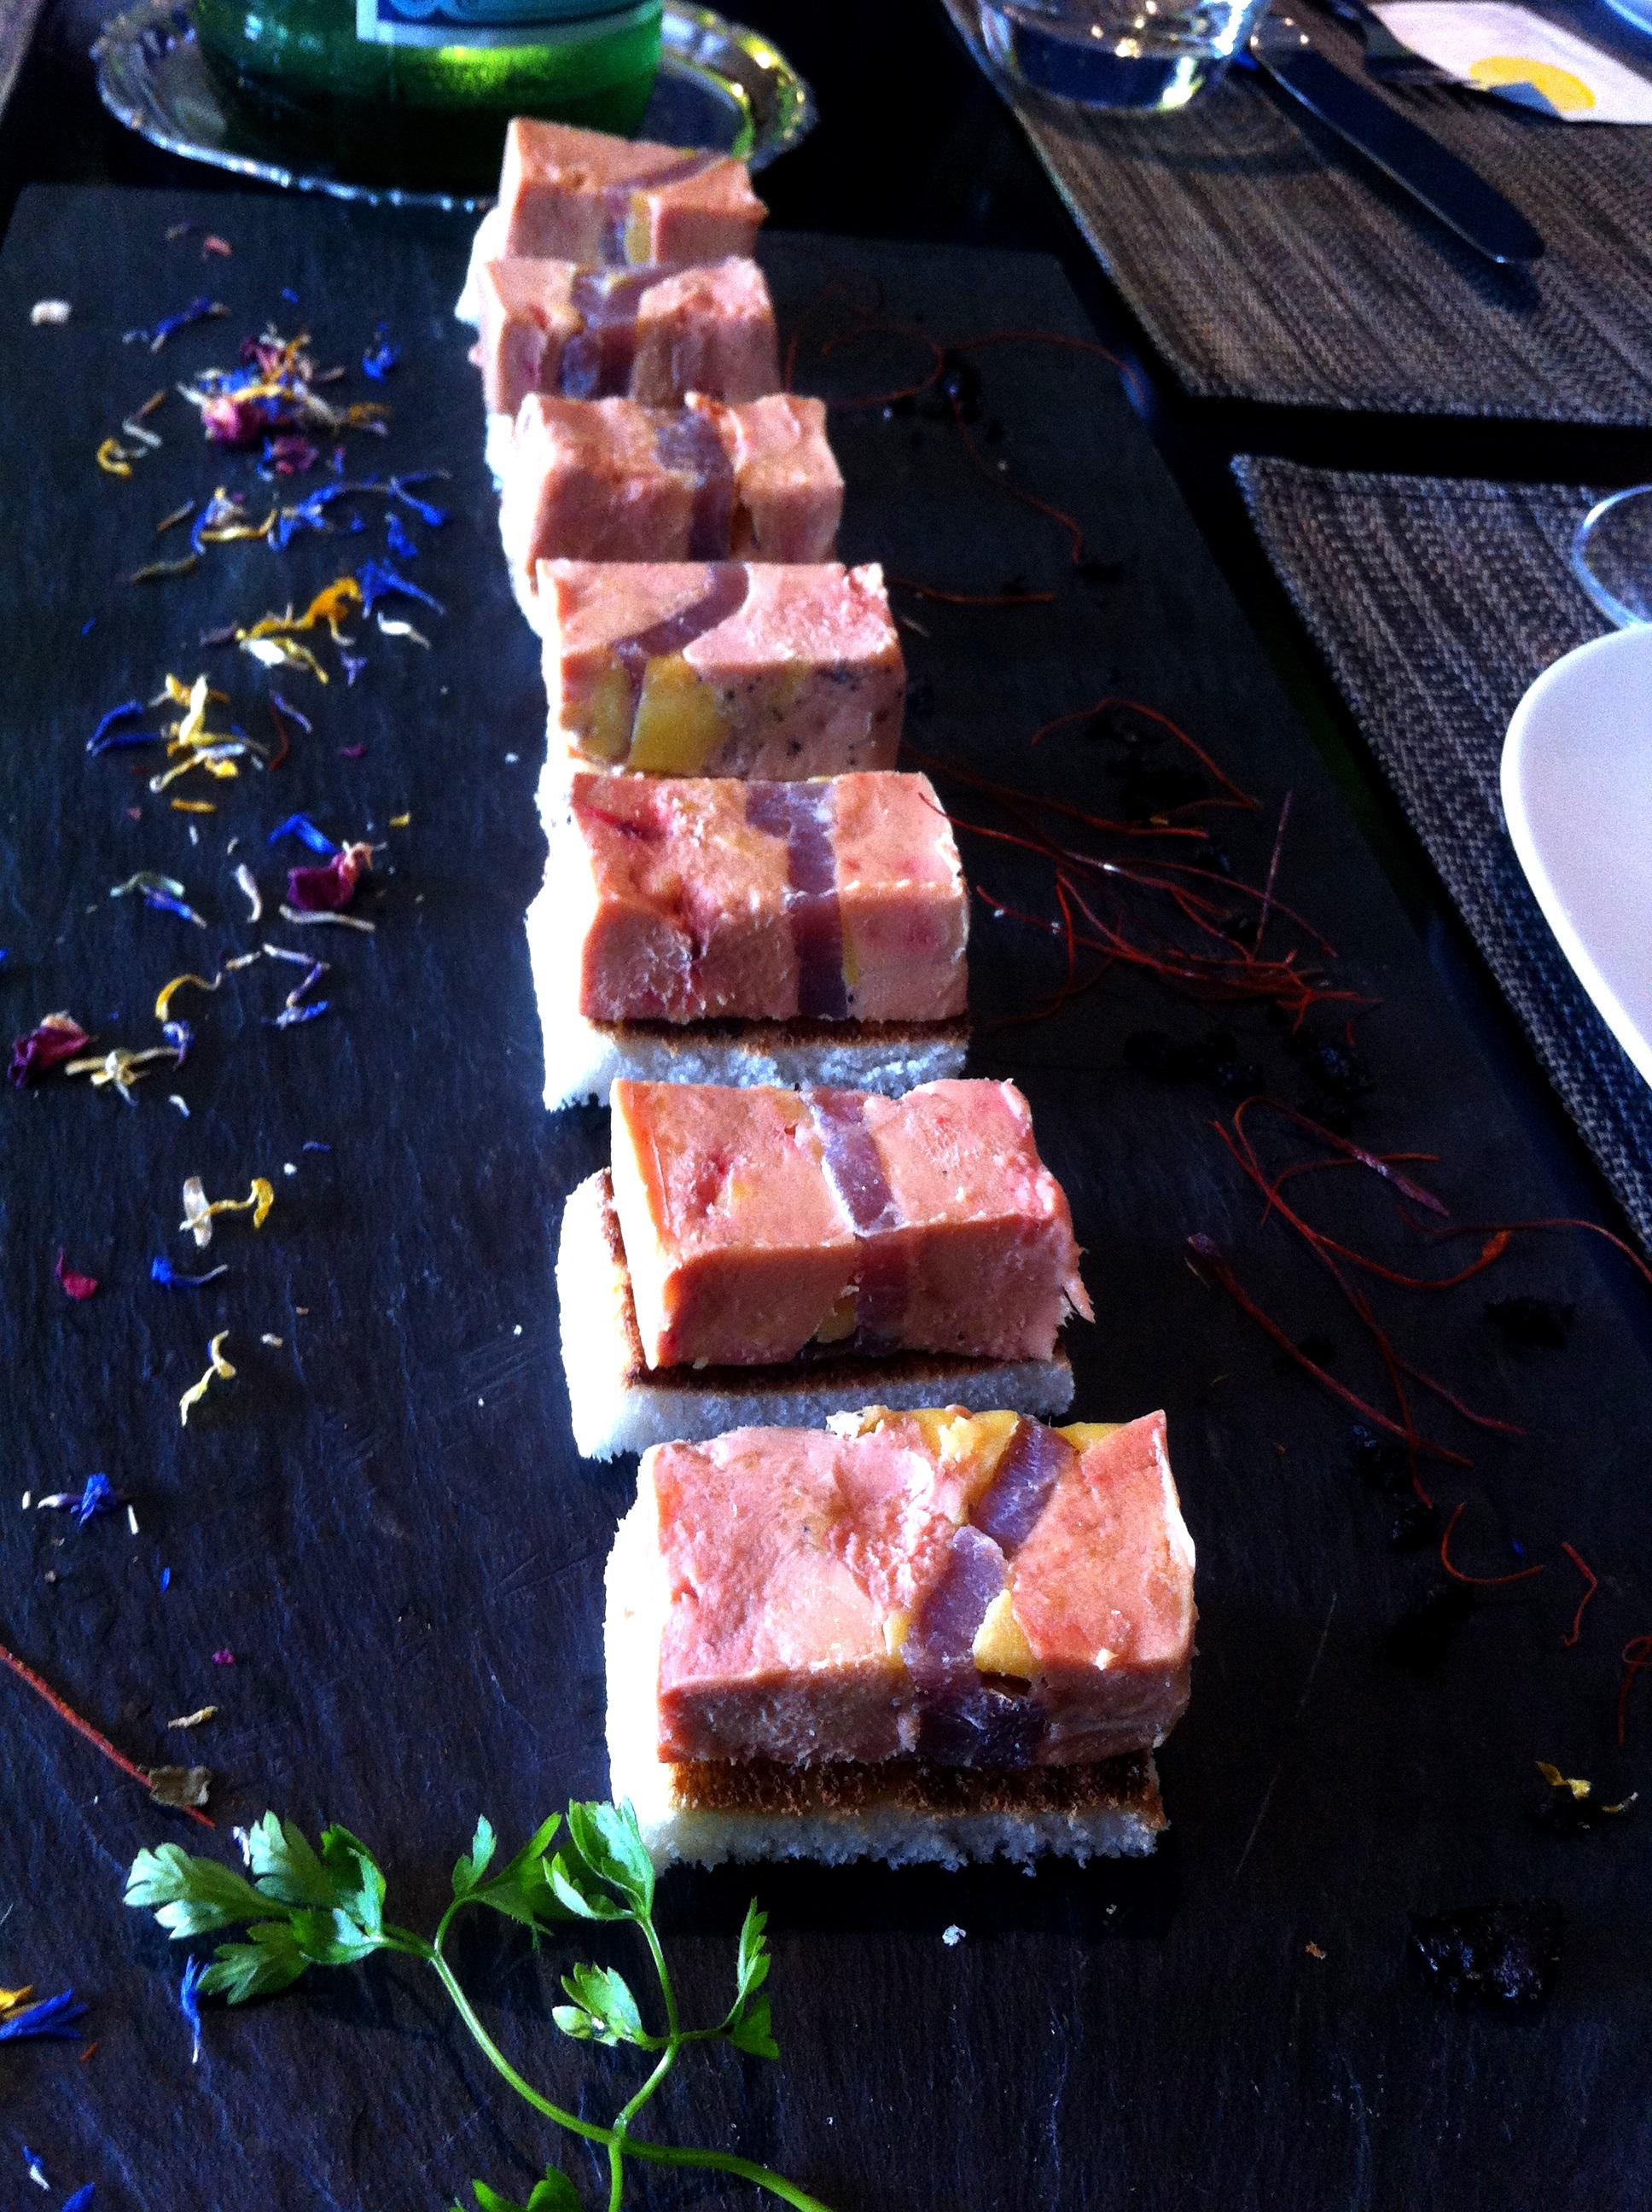 terre paysanne foie gras